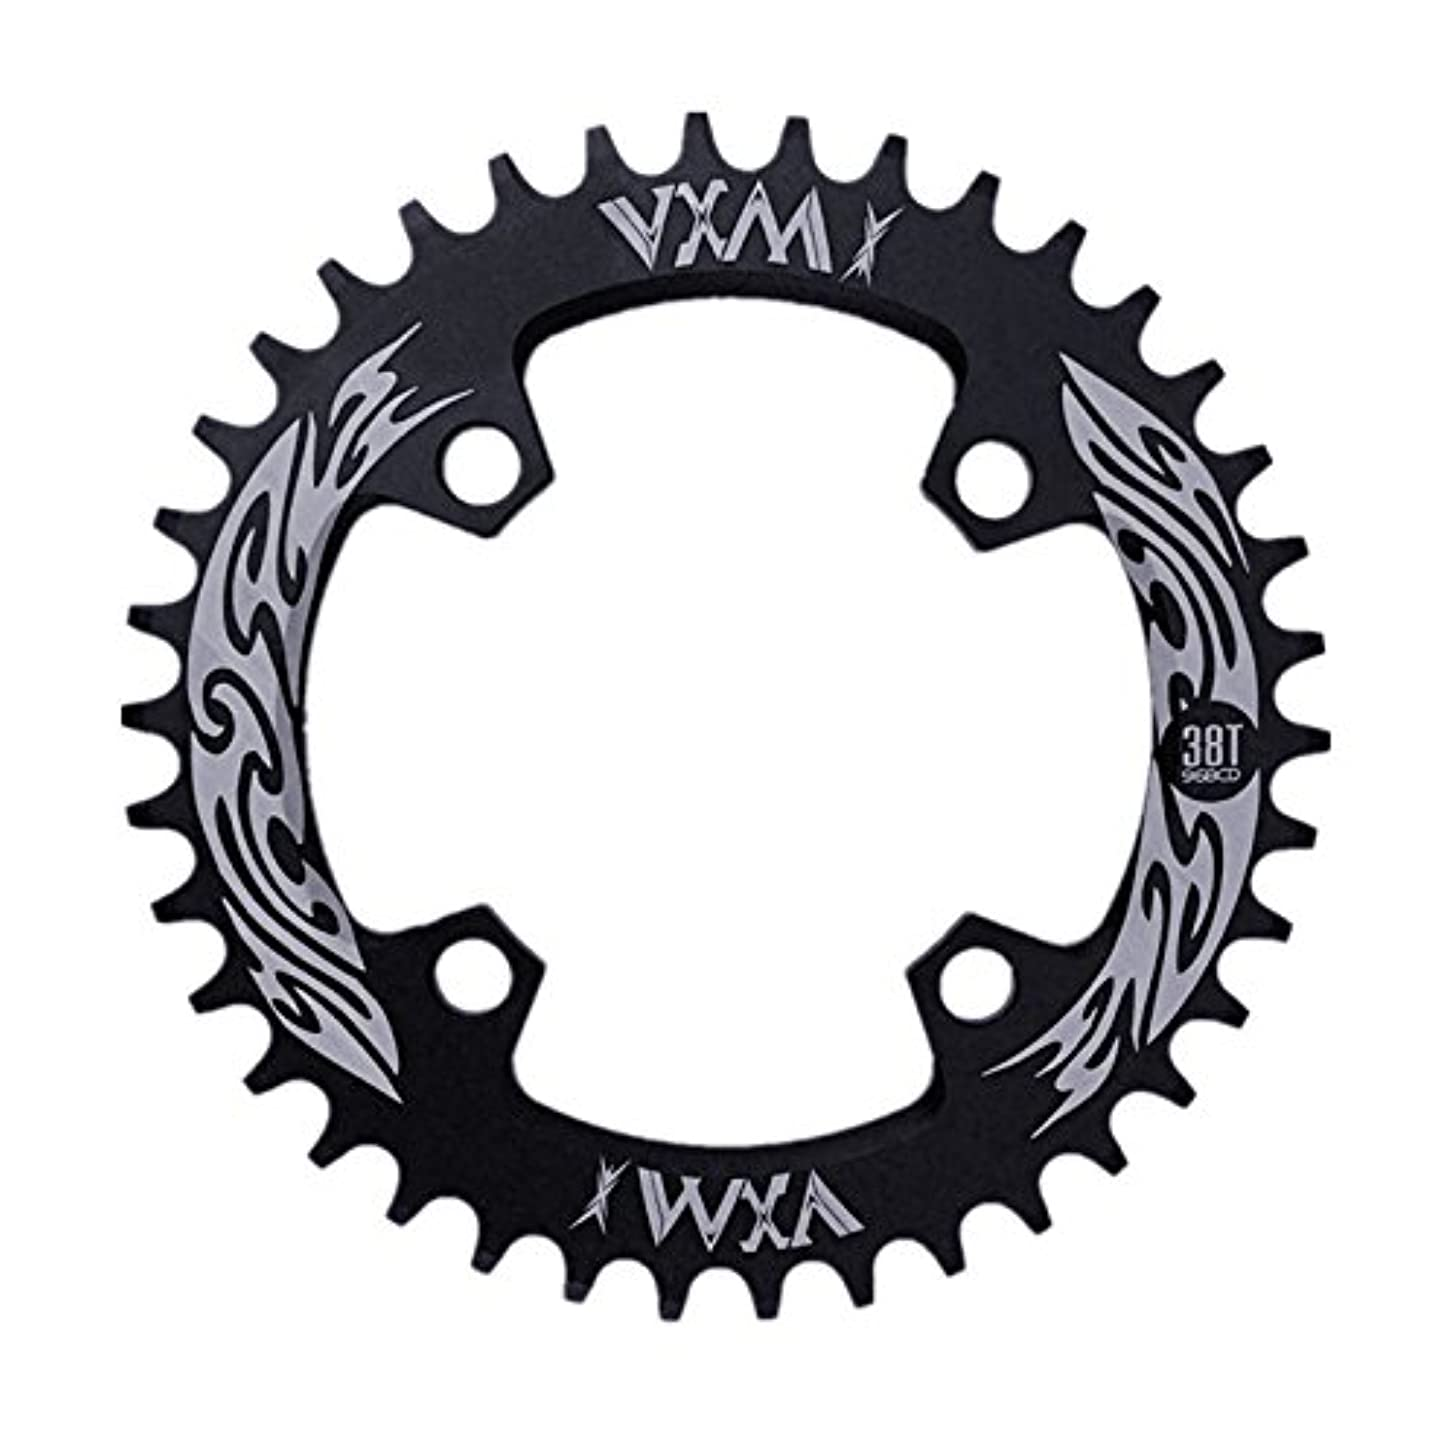 適性印象的雑種Propenary - Bicycle Crank & Chainwheel 96BCD 38T Ultralight Alloy Bike Bicycle Narrow Wide Chainring Round Chainwheel Cycle Crankset [ Black ]